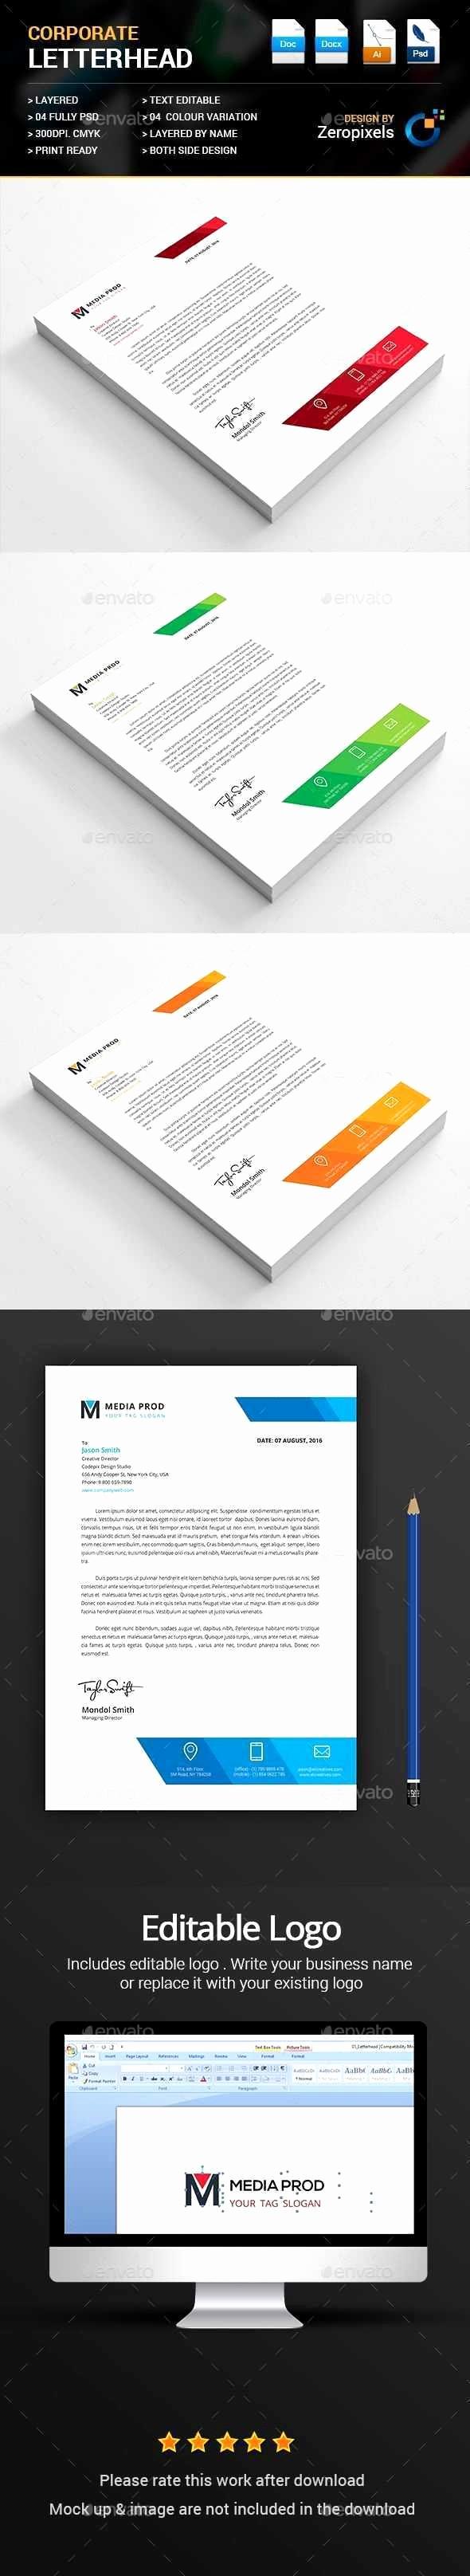 Royal Brites Business Card Template Unique Royal Brites Business Card Template Awesome Geographics